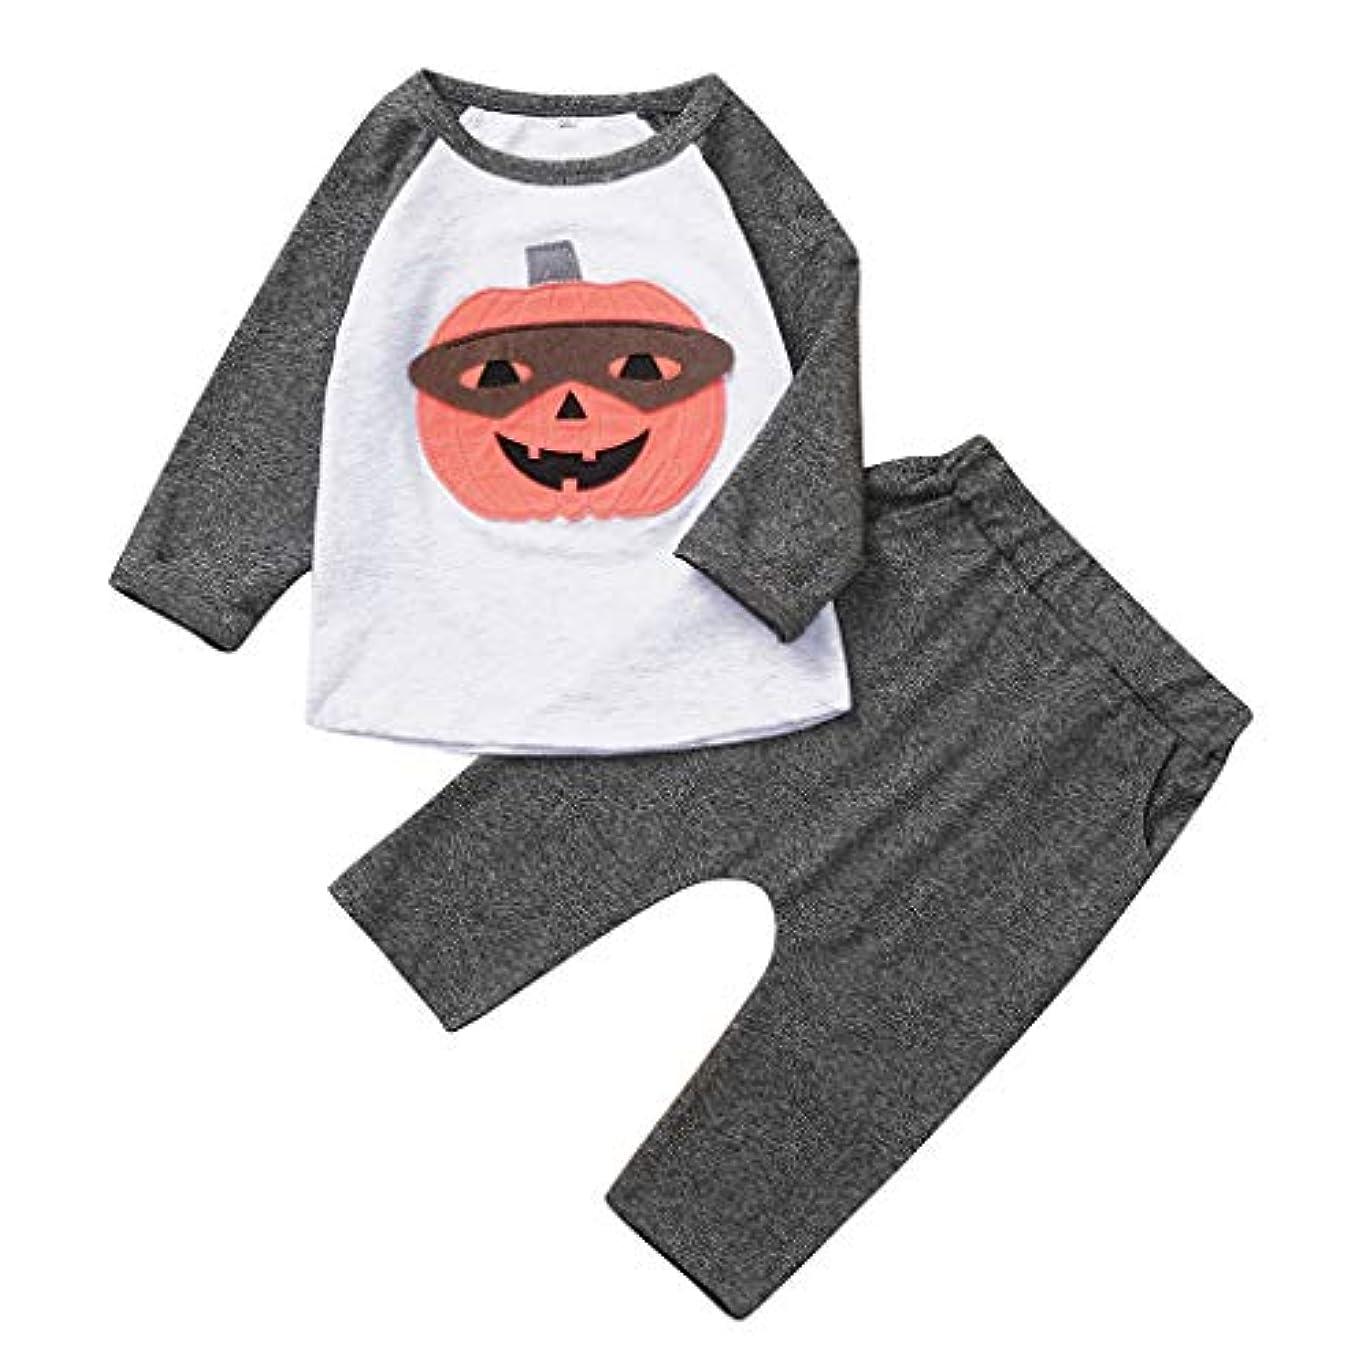 ボイドお母さんスキームMISFIY ハロウィーン キッズ 子供 新生児 ベビー服 上下セット かぼちゃ パジャマ 肌着 かわいい 柔らかい 誕生記念 出産祝い 寝相アート